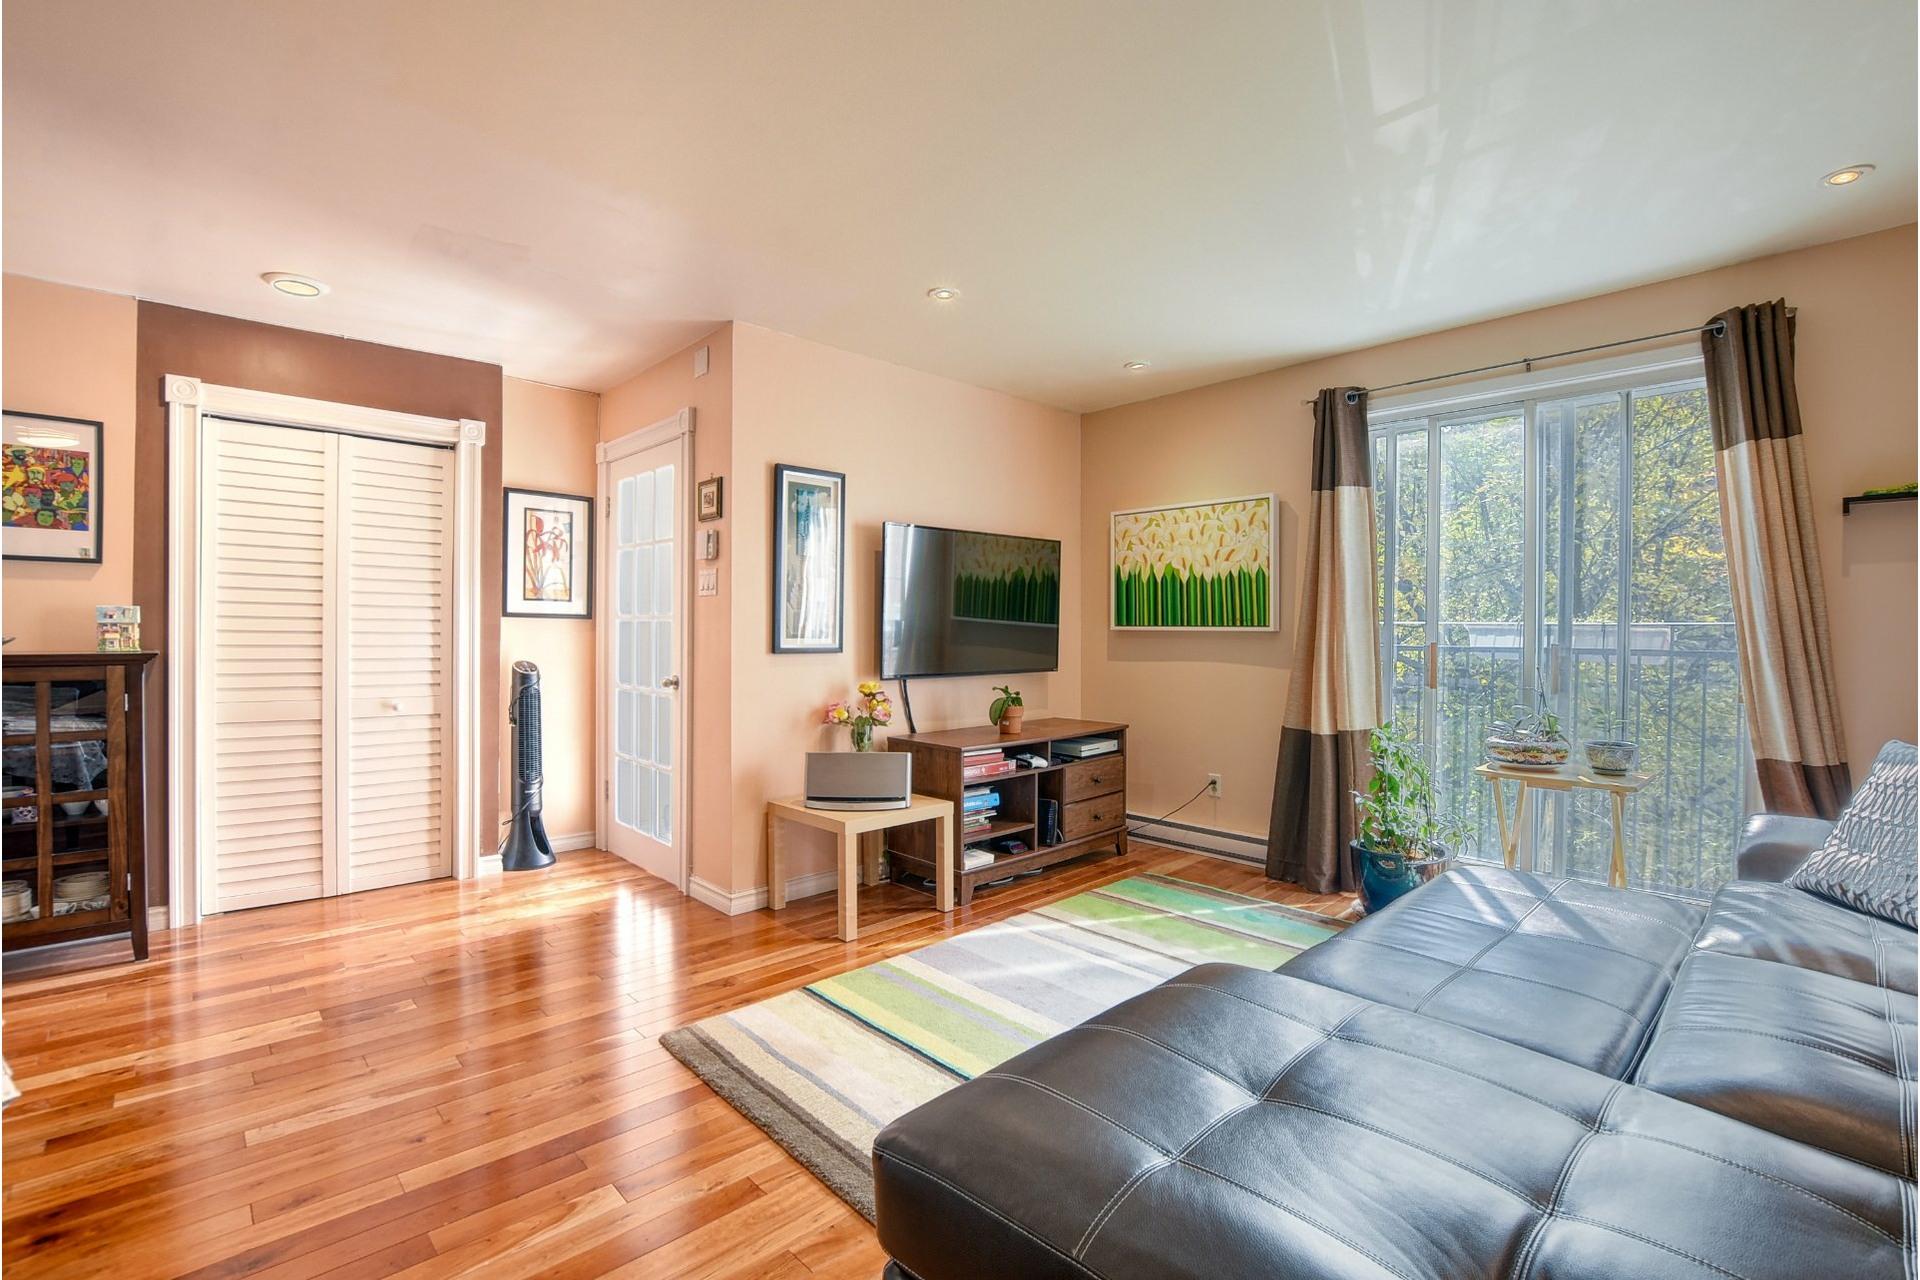 image 3 - Apartment For sale Le Plateau-Mont-Royal Montréal  - 5 rooms